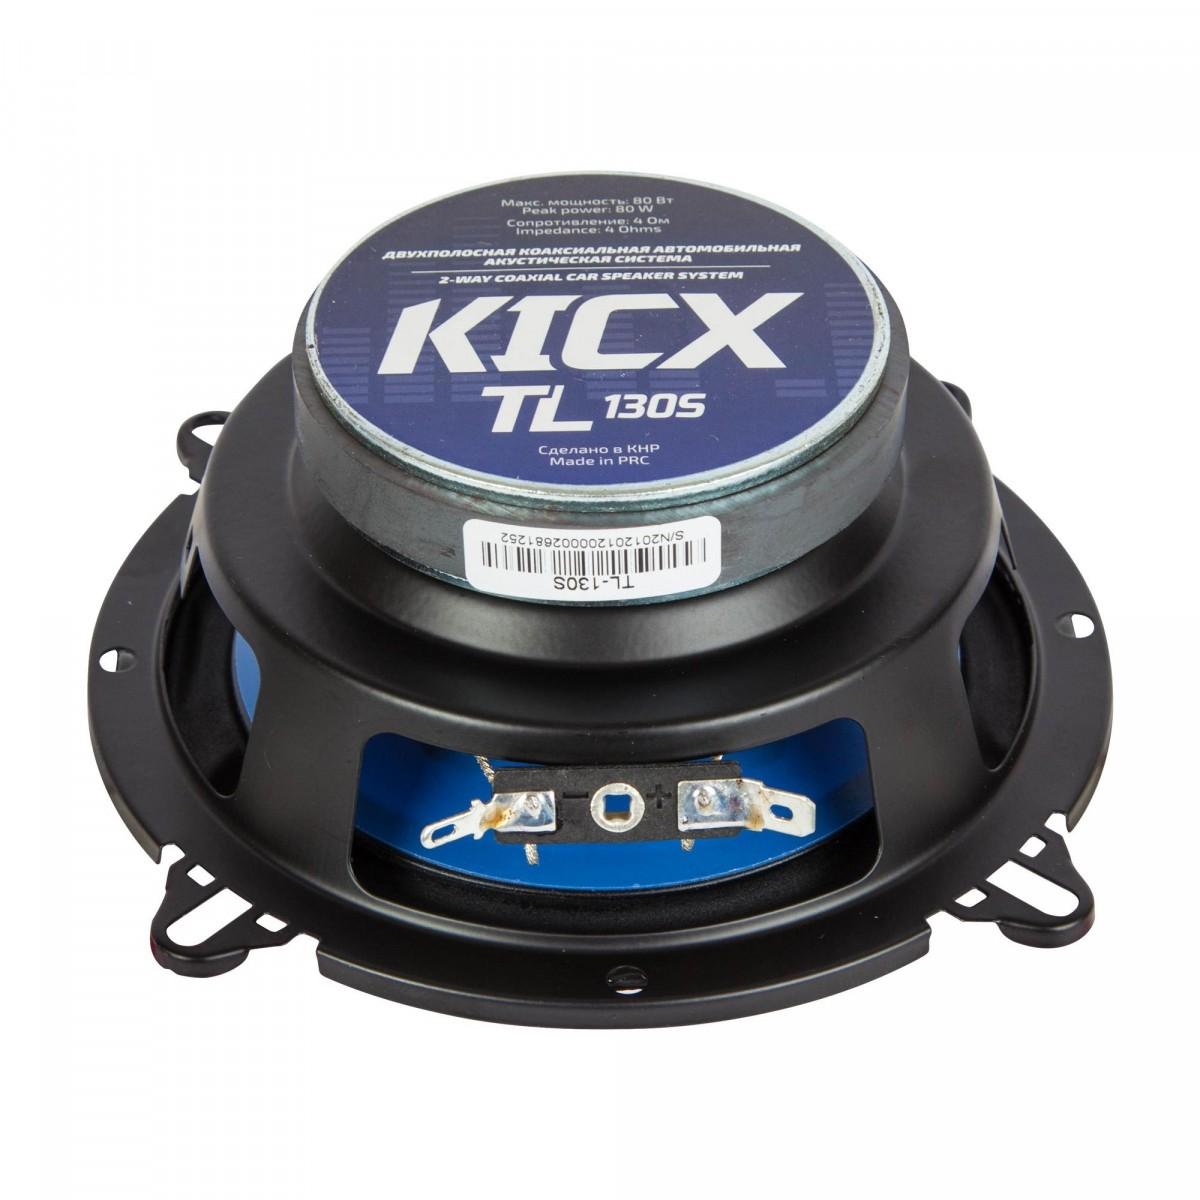 Коаксиальные динамики Kicx TL-130S